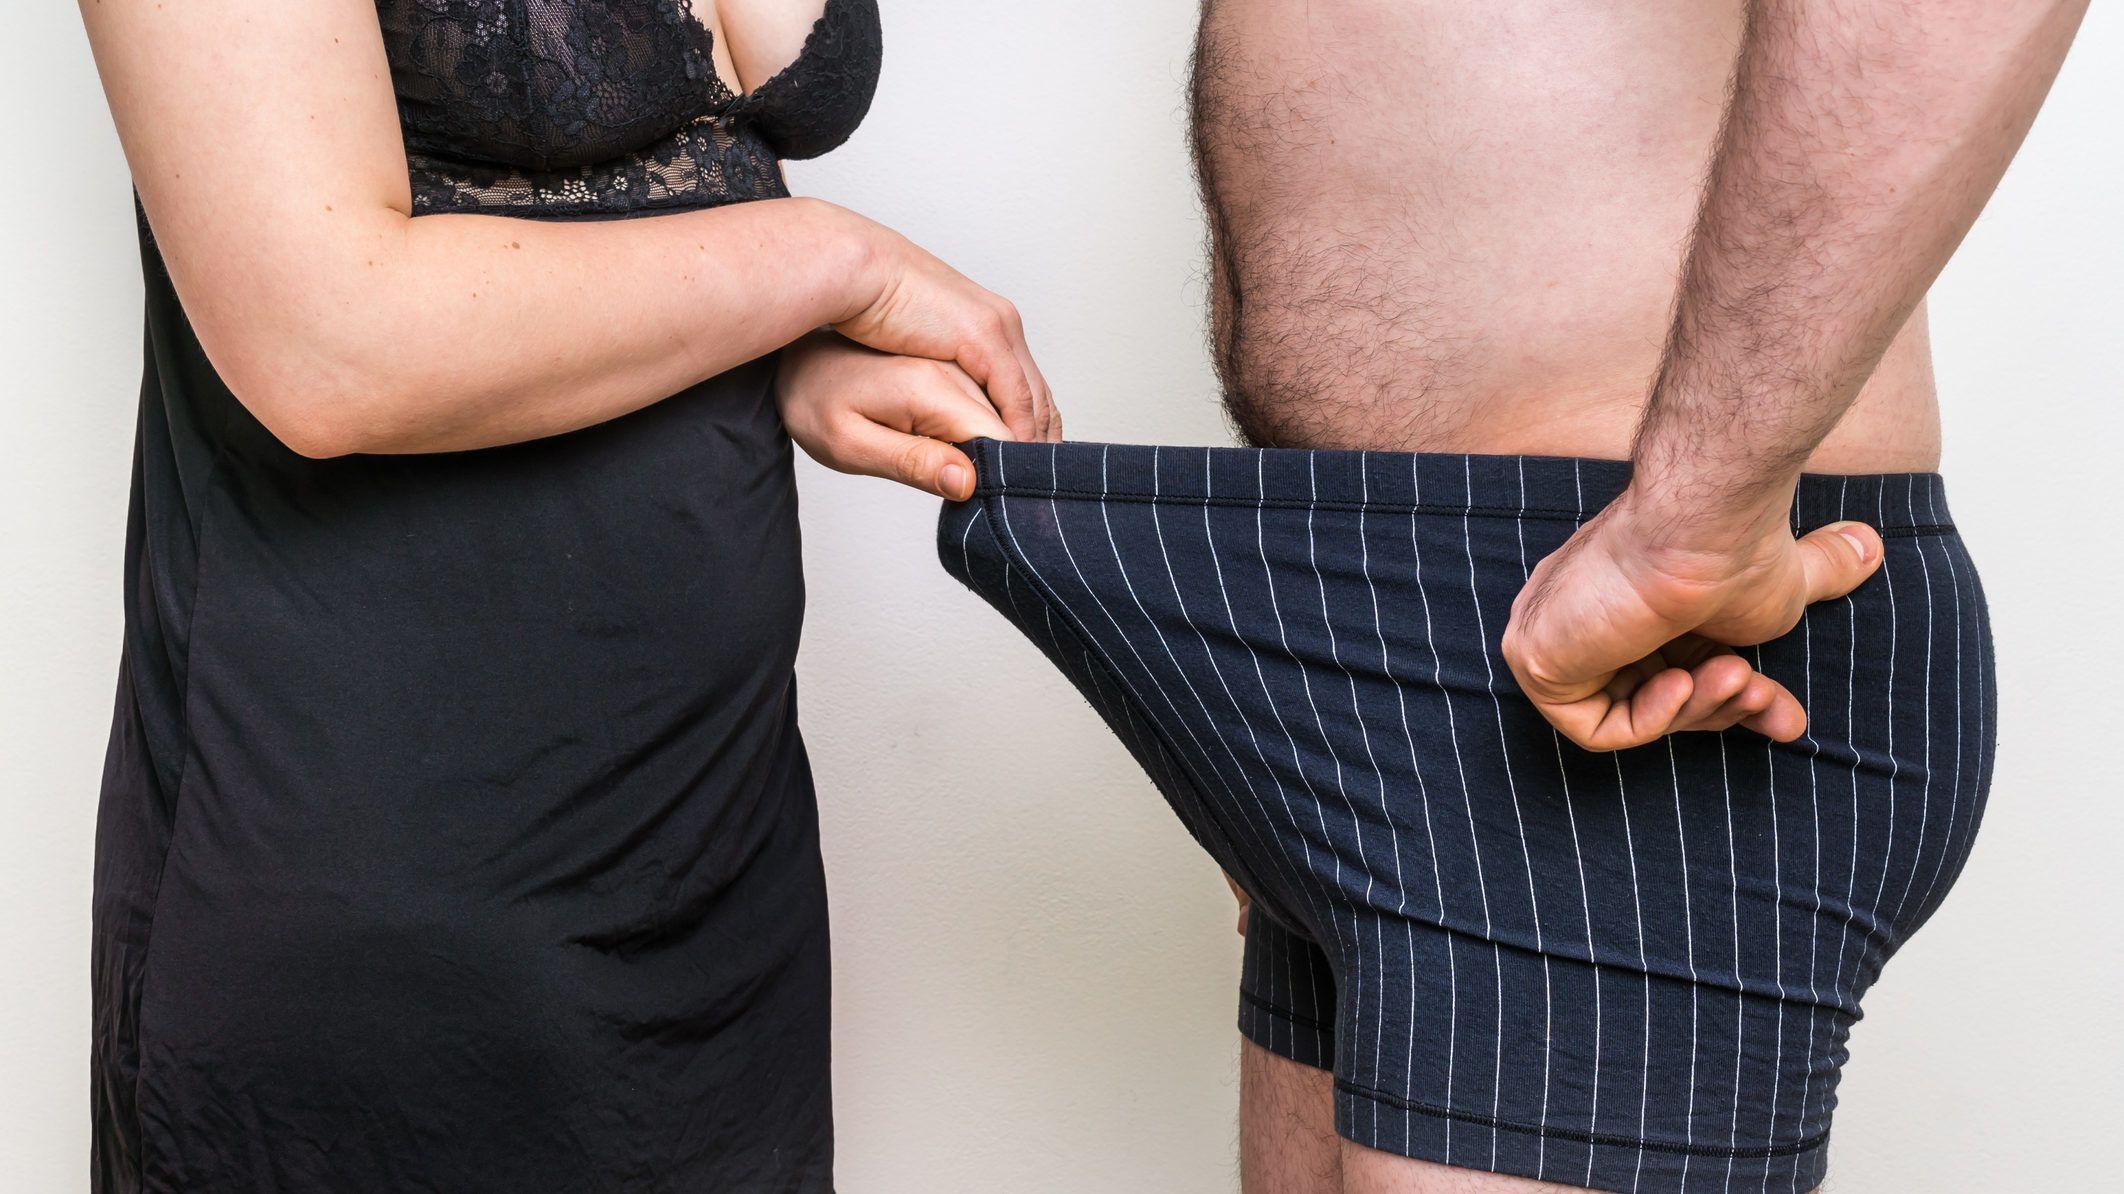 prostituált kis pénisz a pénisz stimulálásának módjai